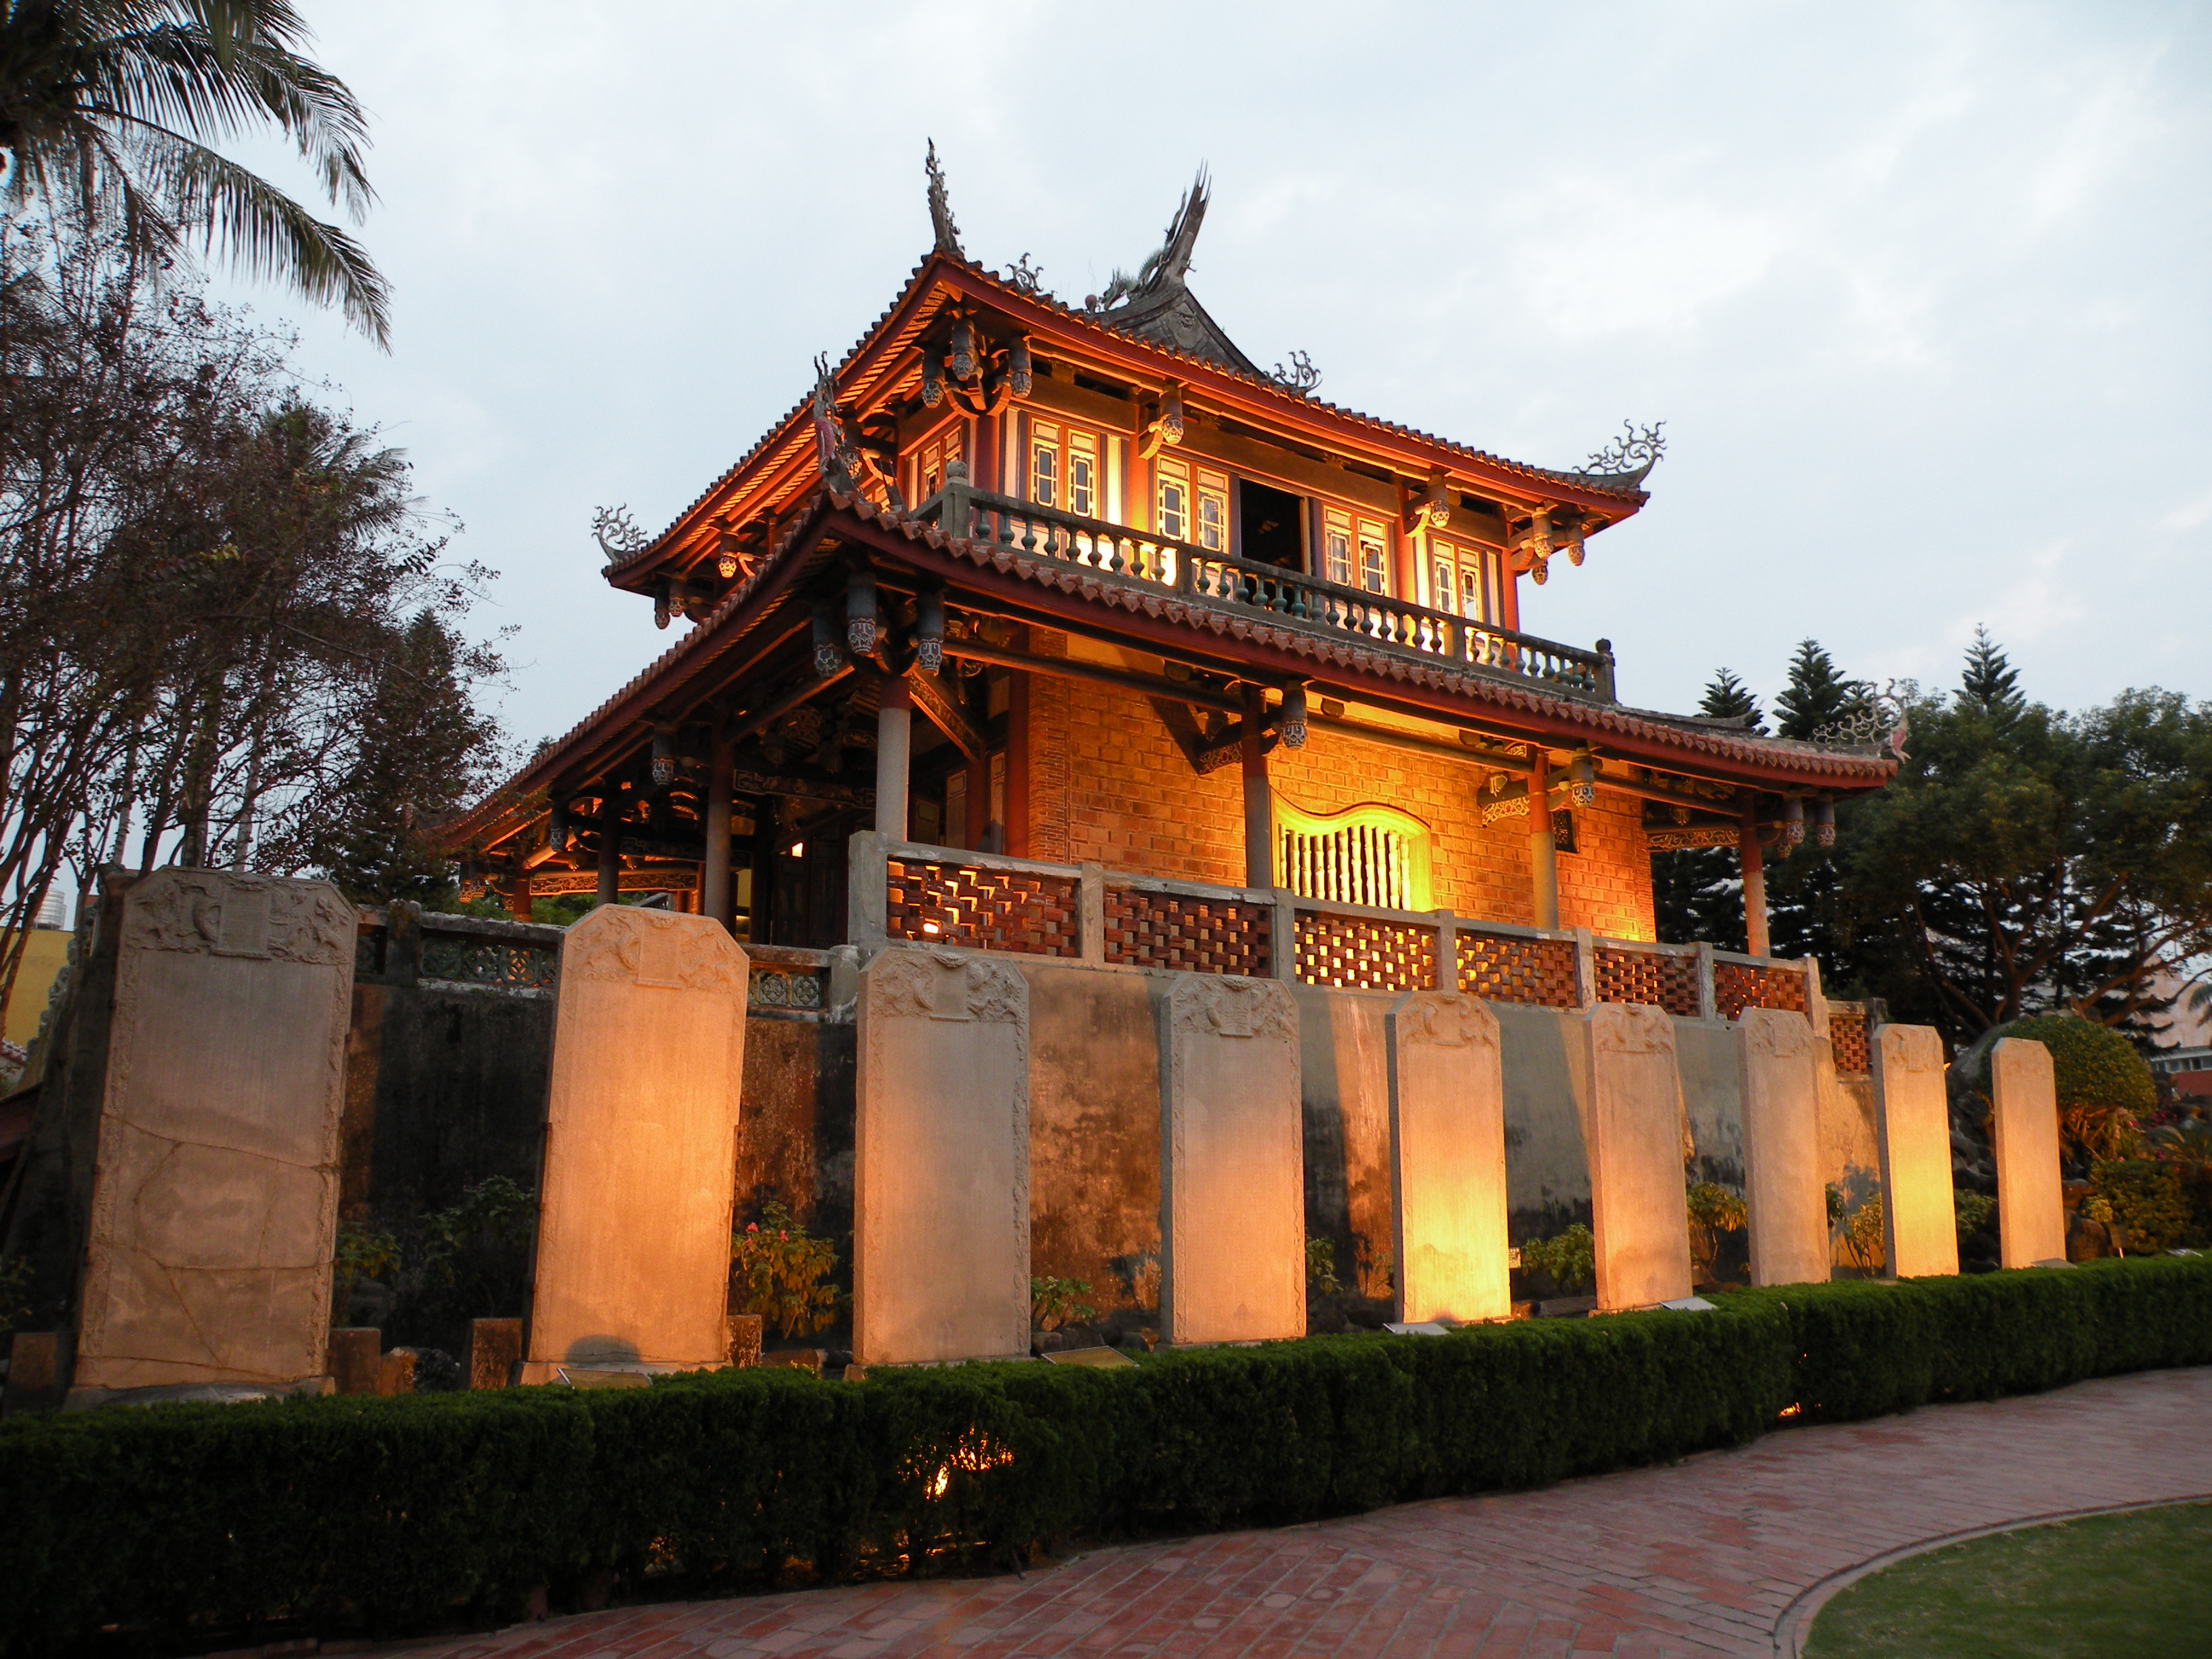 「台南 文化」的圖片搜尋結果